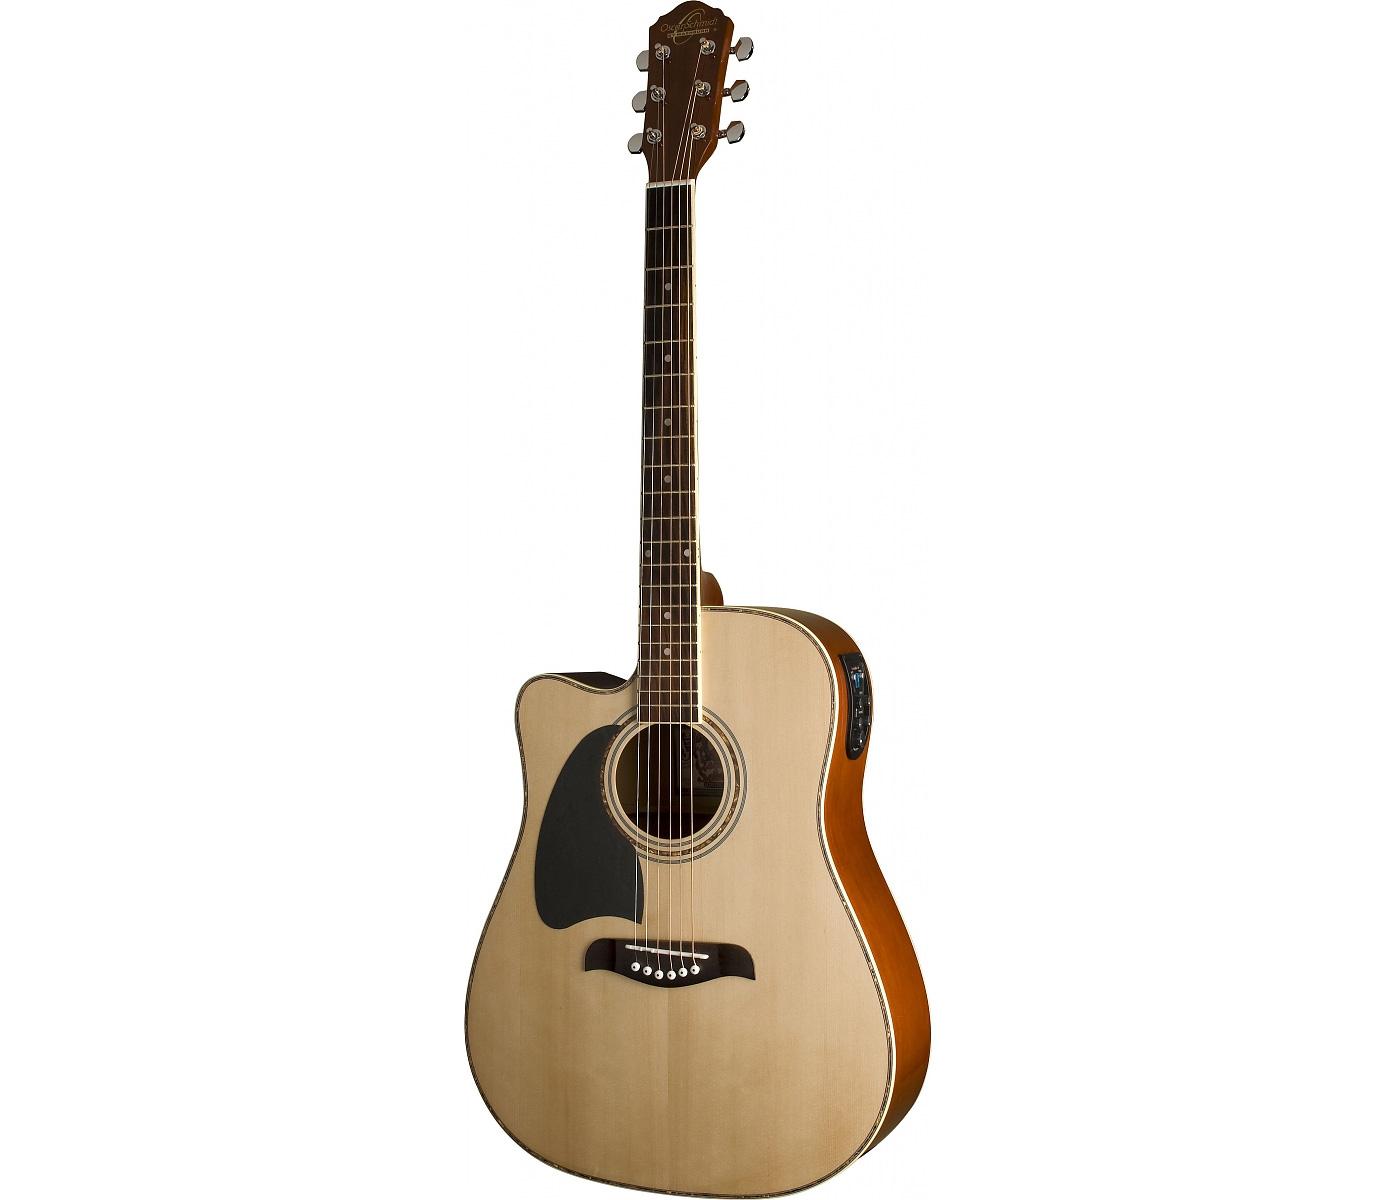 Oscar Schmidt og 2 CE (n) ľavá ruka - gitara